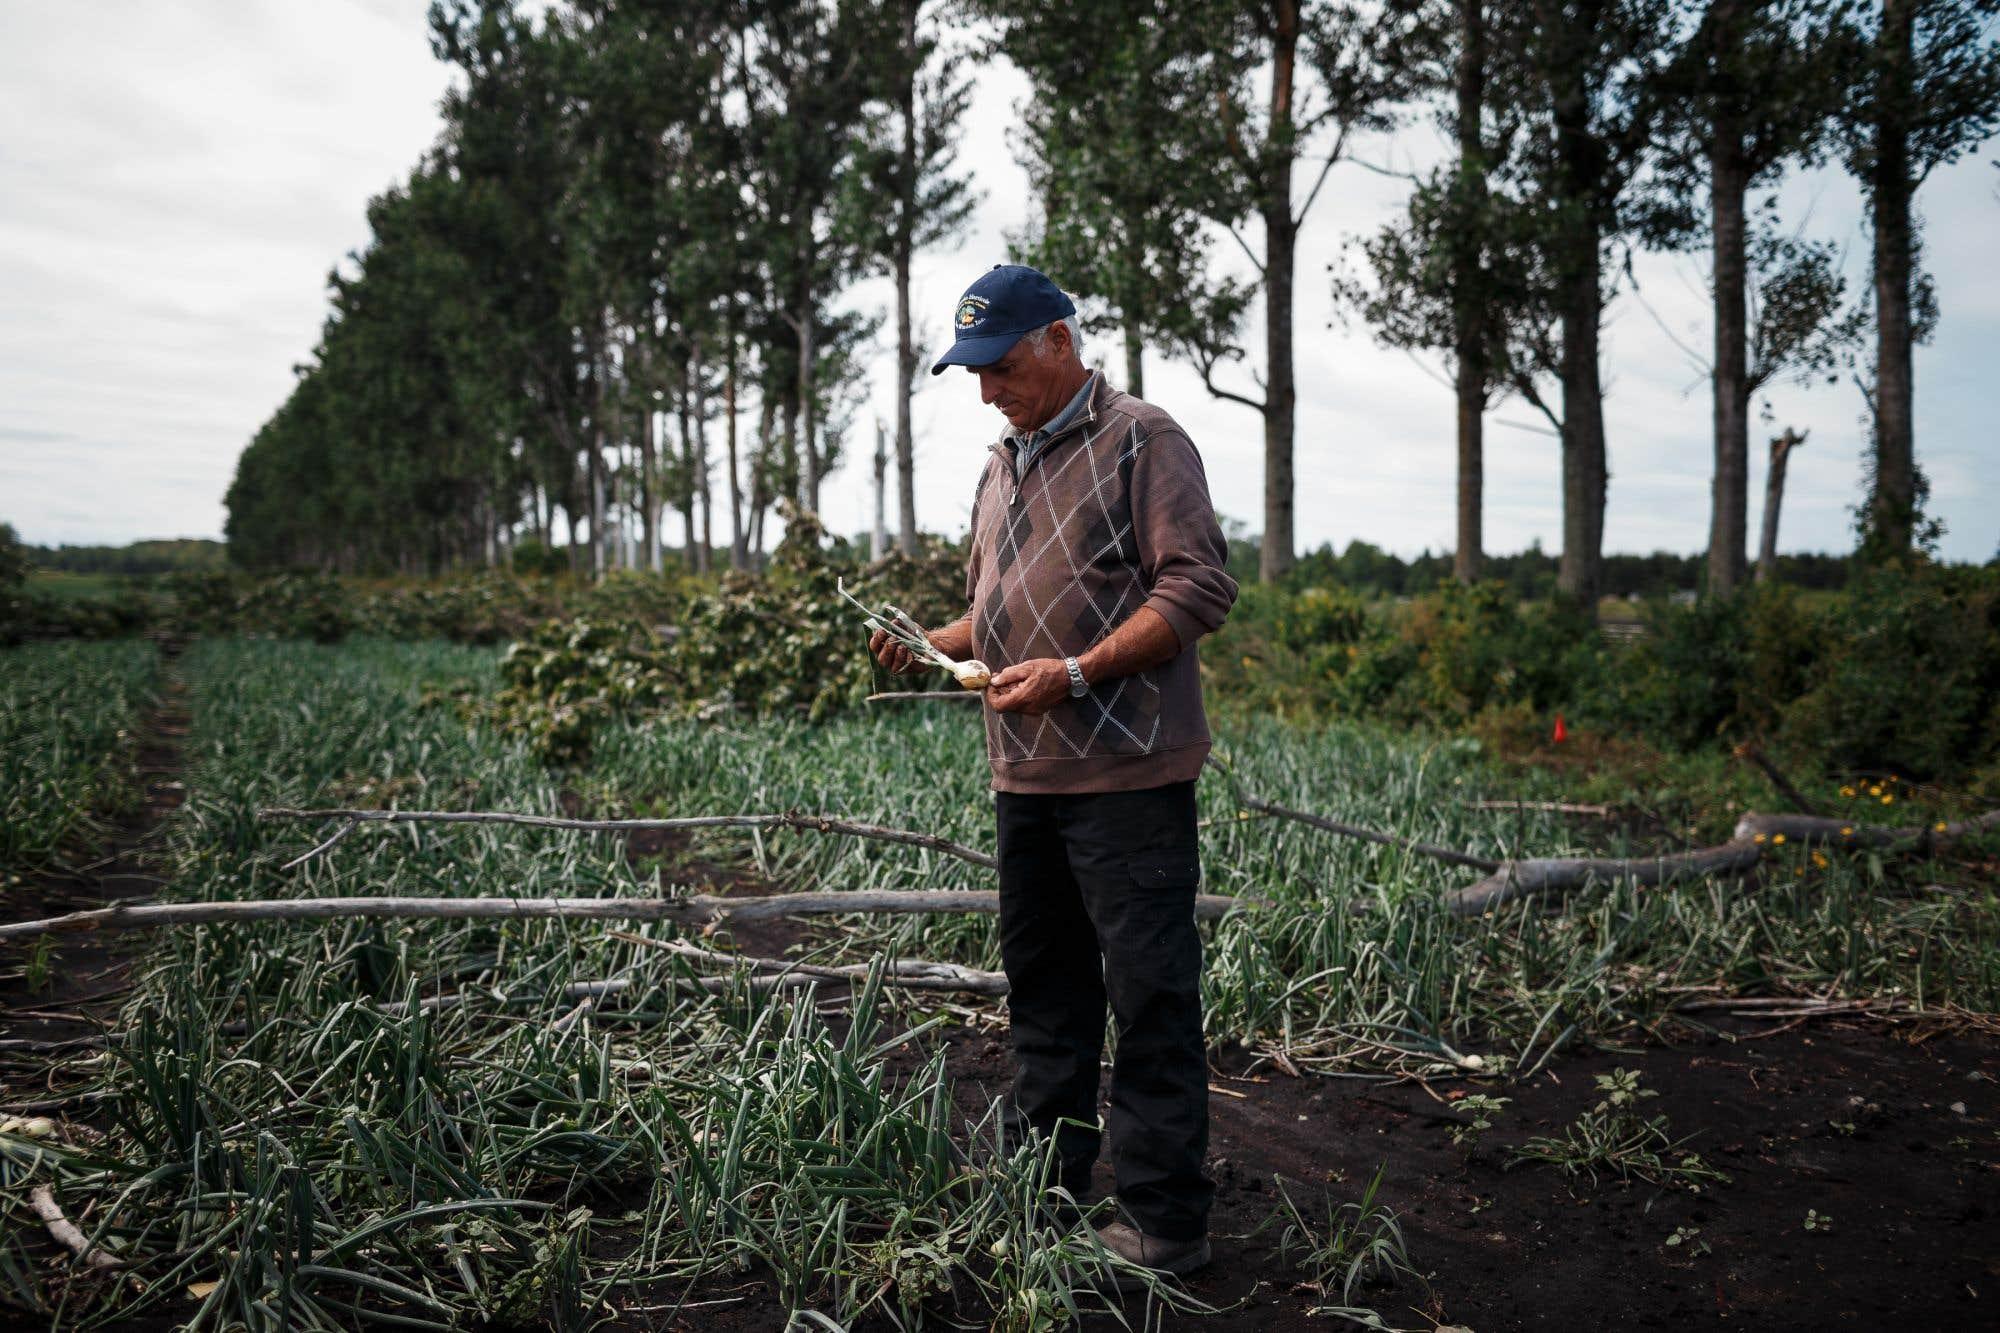 Le cocktail météorologique qui s'est abattu en Montérégie il y a une semaine s'avère être une double tragédie. Tandis que les dégâts pourraient se chiffrer à des dizaines de millions de dollars pour des producteurs agricoles comme Denys Van Winden, quelque 350 travailleurs saisonniers du Mexique et du Guatemala risquent d'être renvoyés dans leur pays deux mois à l'avance, faute de travail. Consultez notre texte sur le sujet